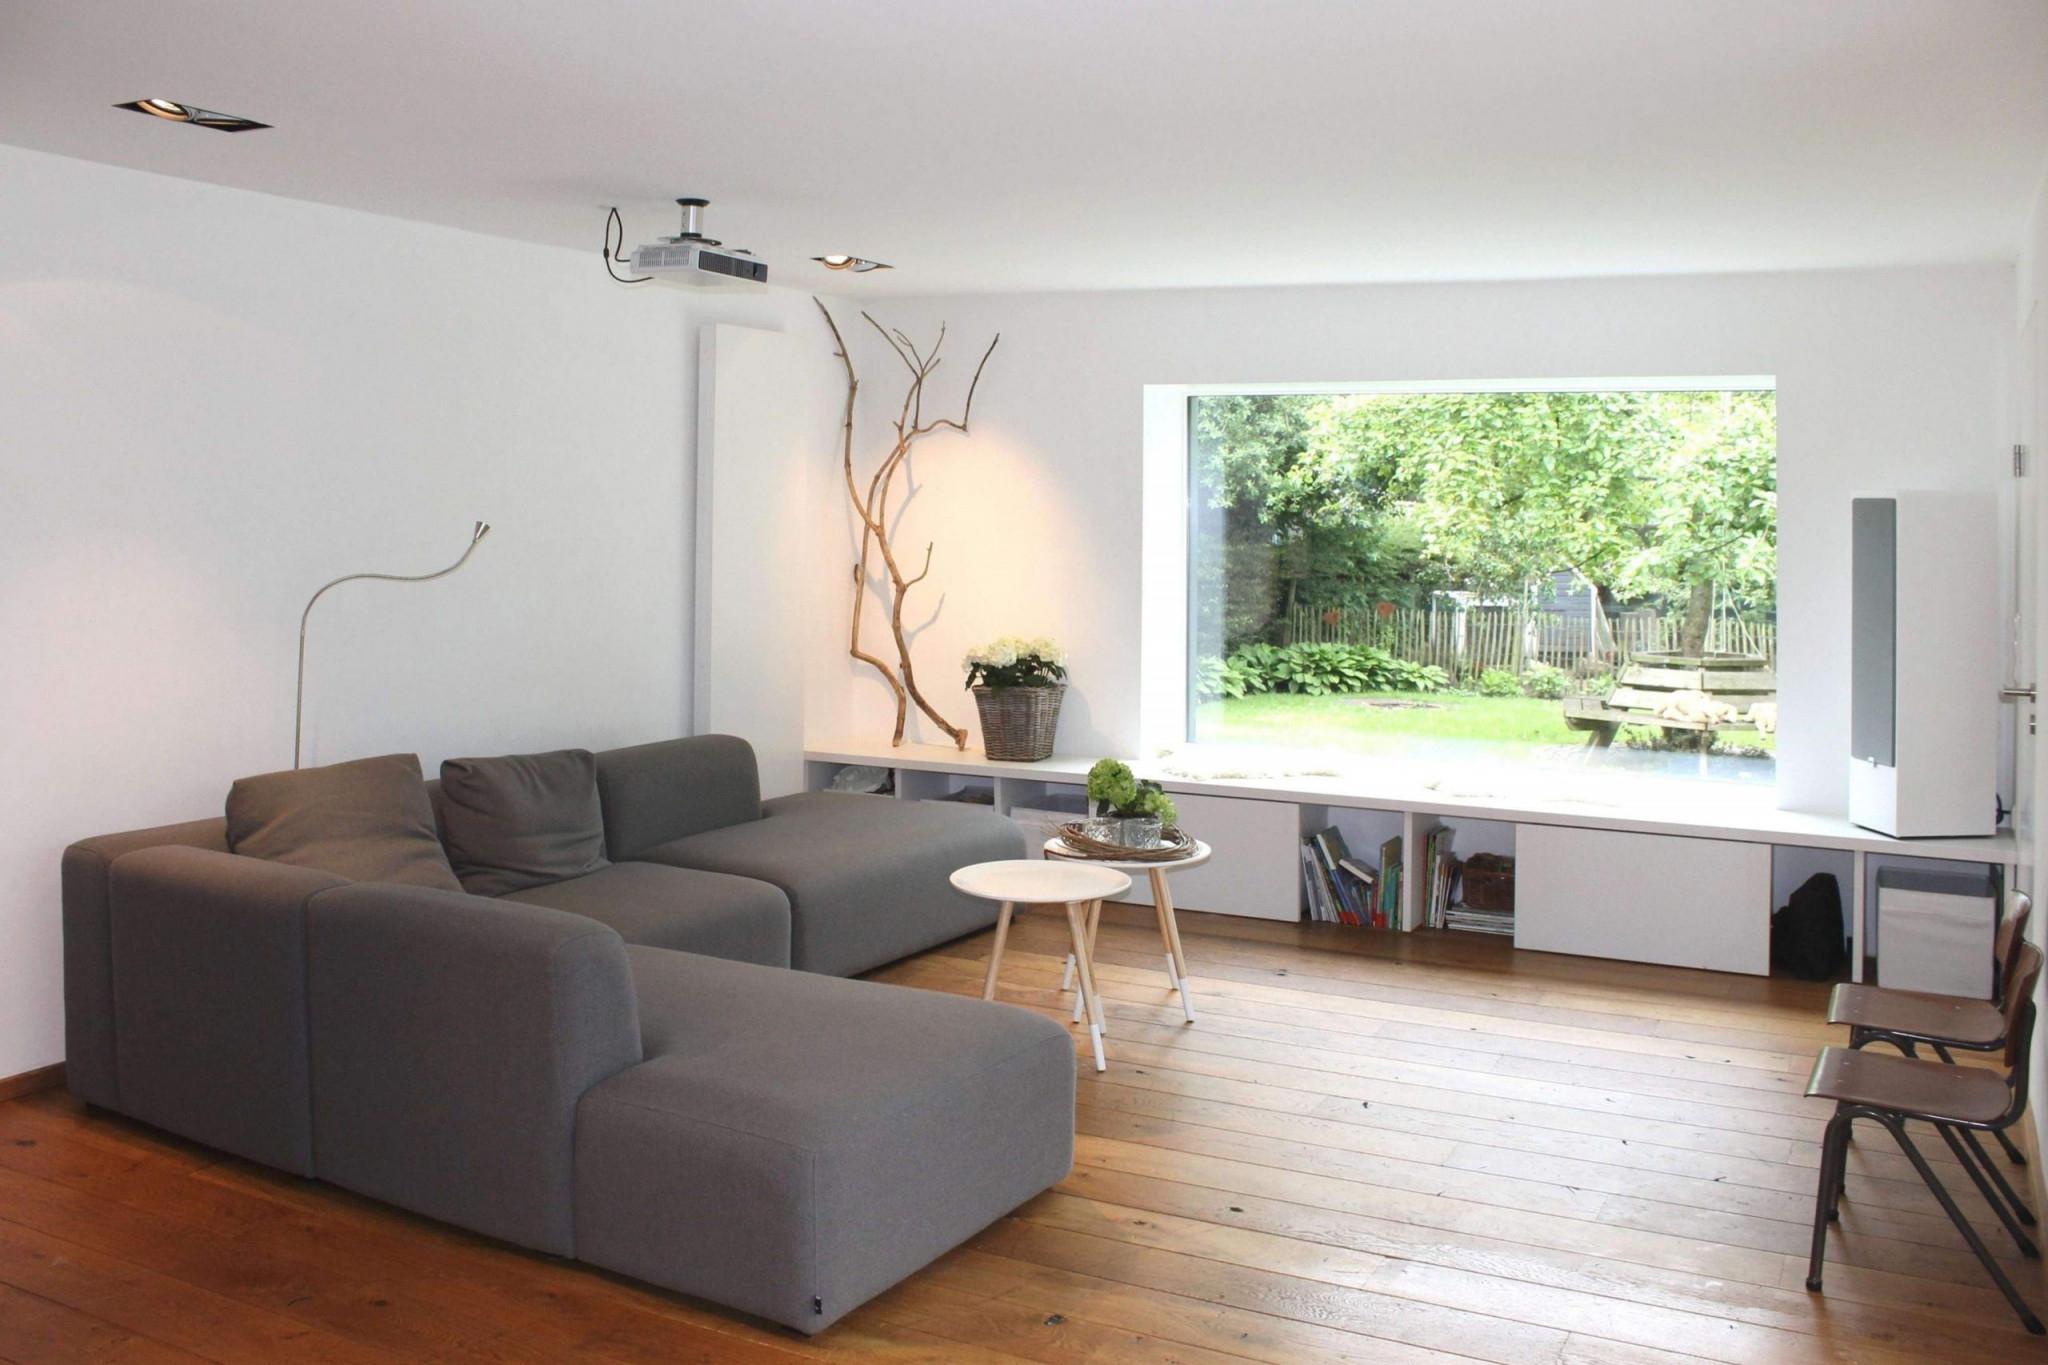 Modernes Wohnzimmer Bilder Reizend Wohnzimmer Bilder Ideen von Modernes Wohnzimmer Bilder Bild